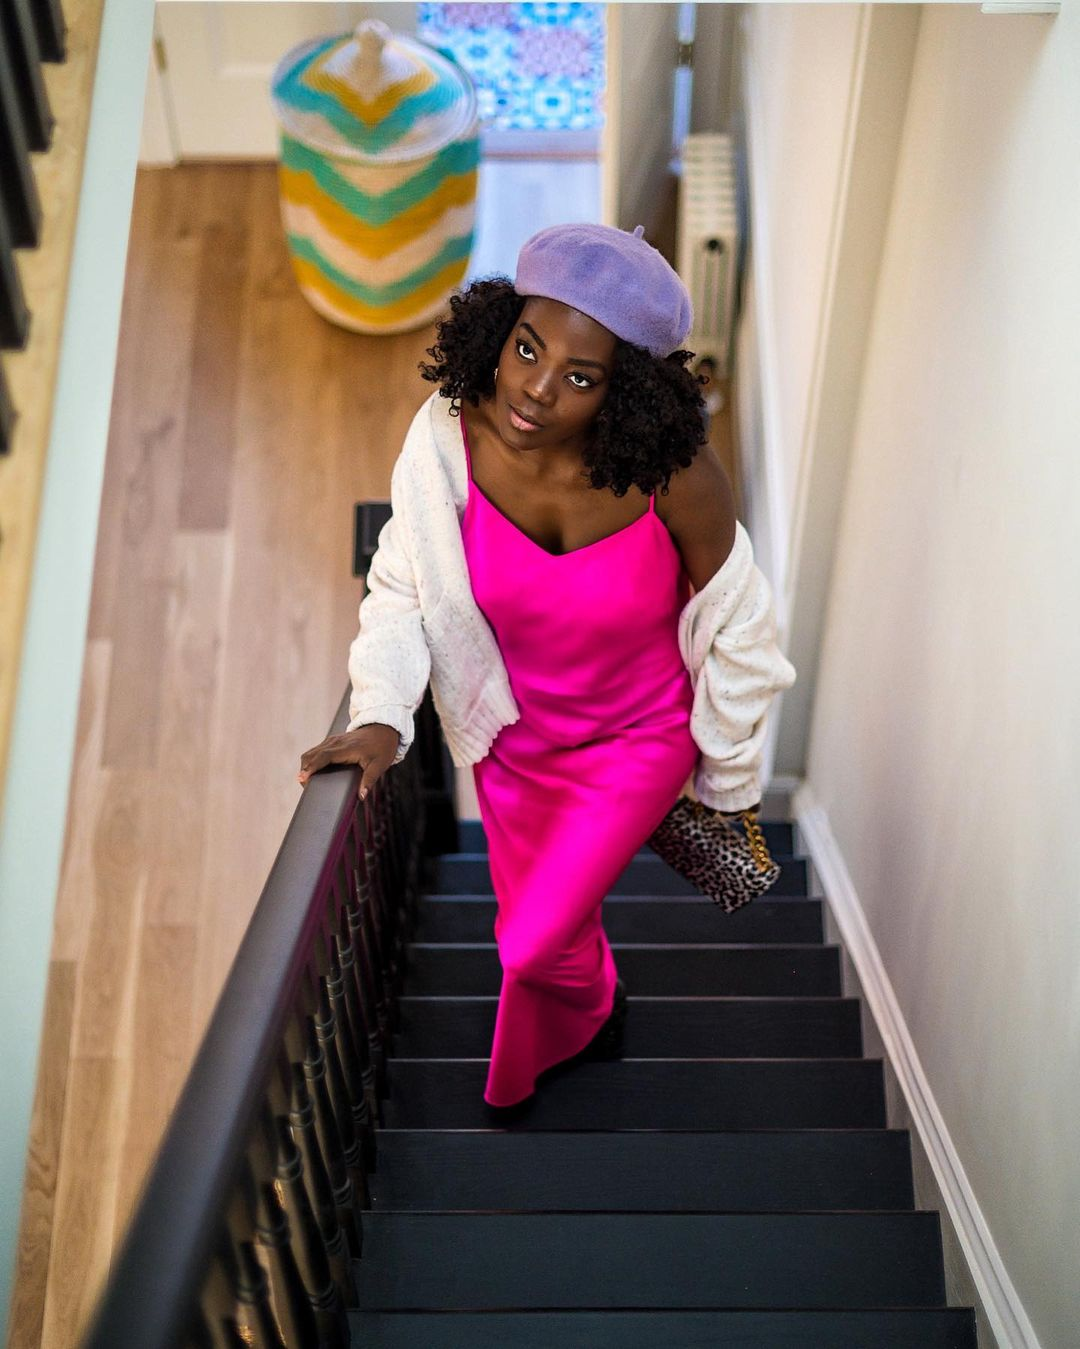 1612584560 533 echa un vistazo a las opciones para comprar y 30 - 40 modelos de vestidos rosas para un look que no pasa desapercibido